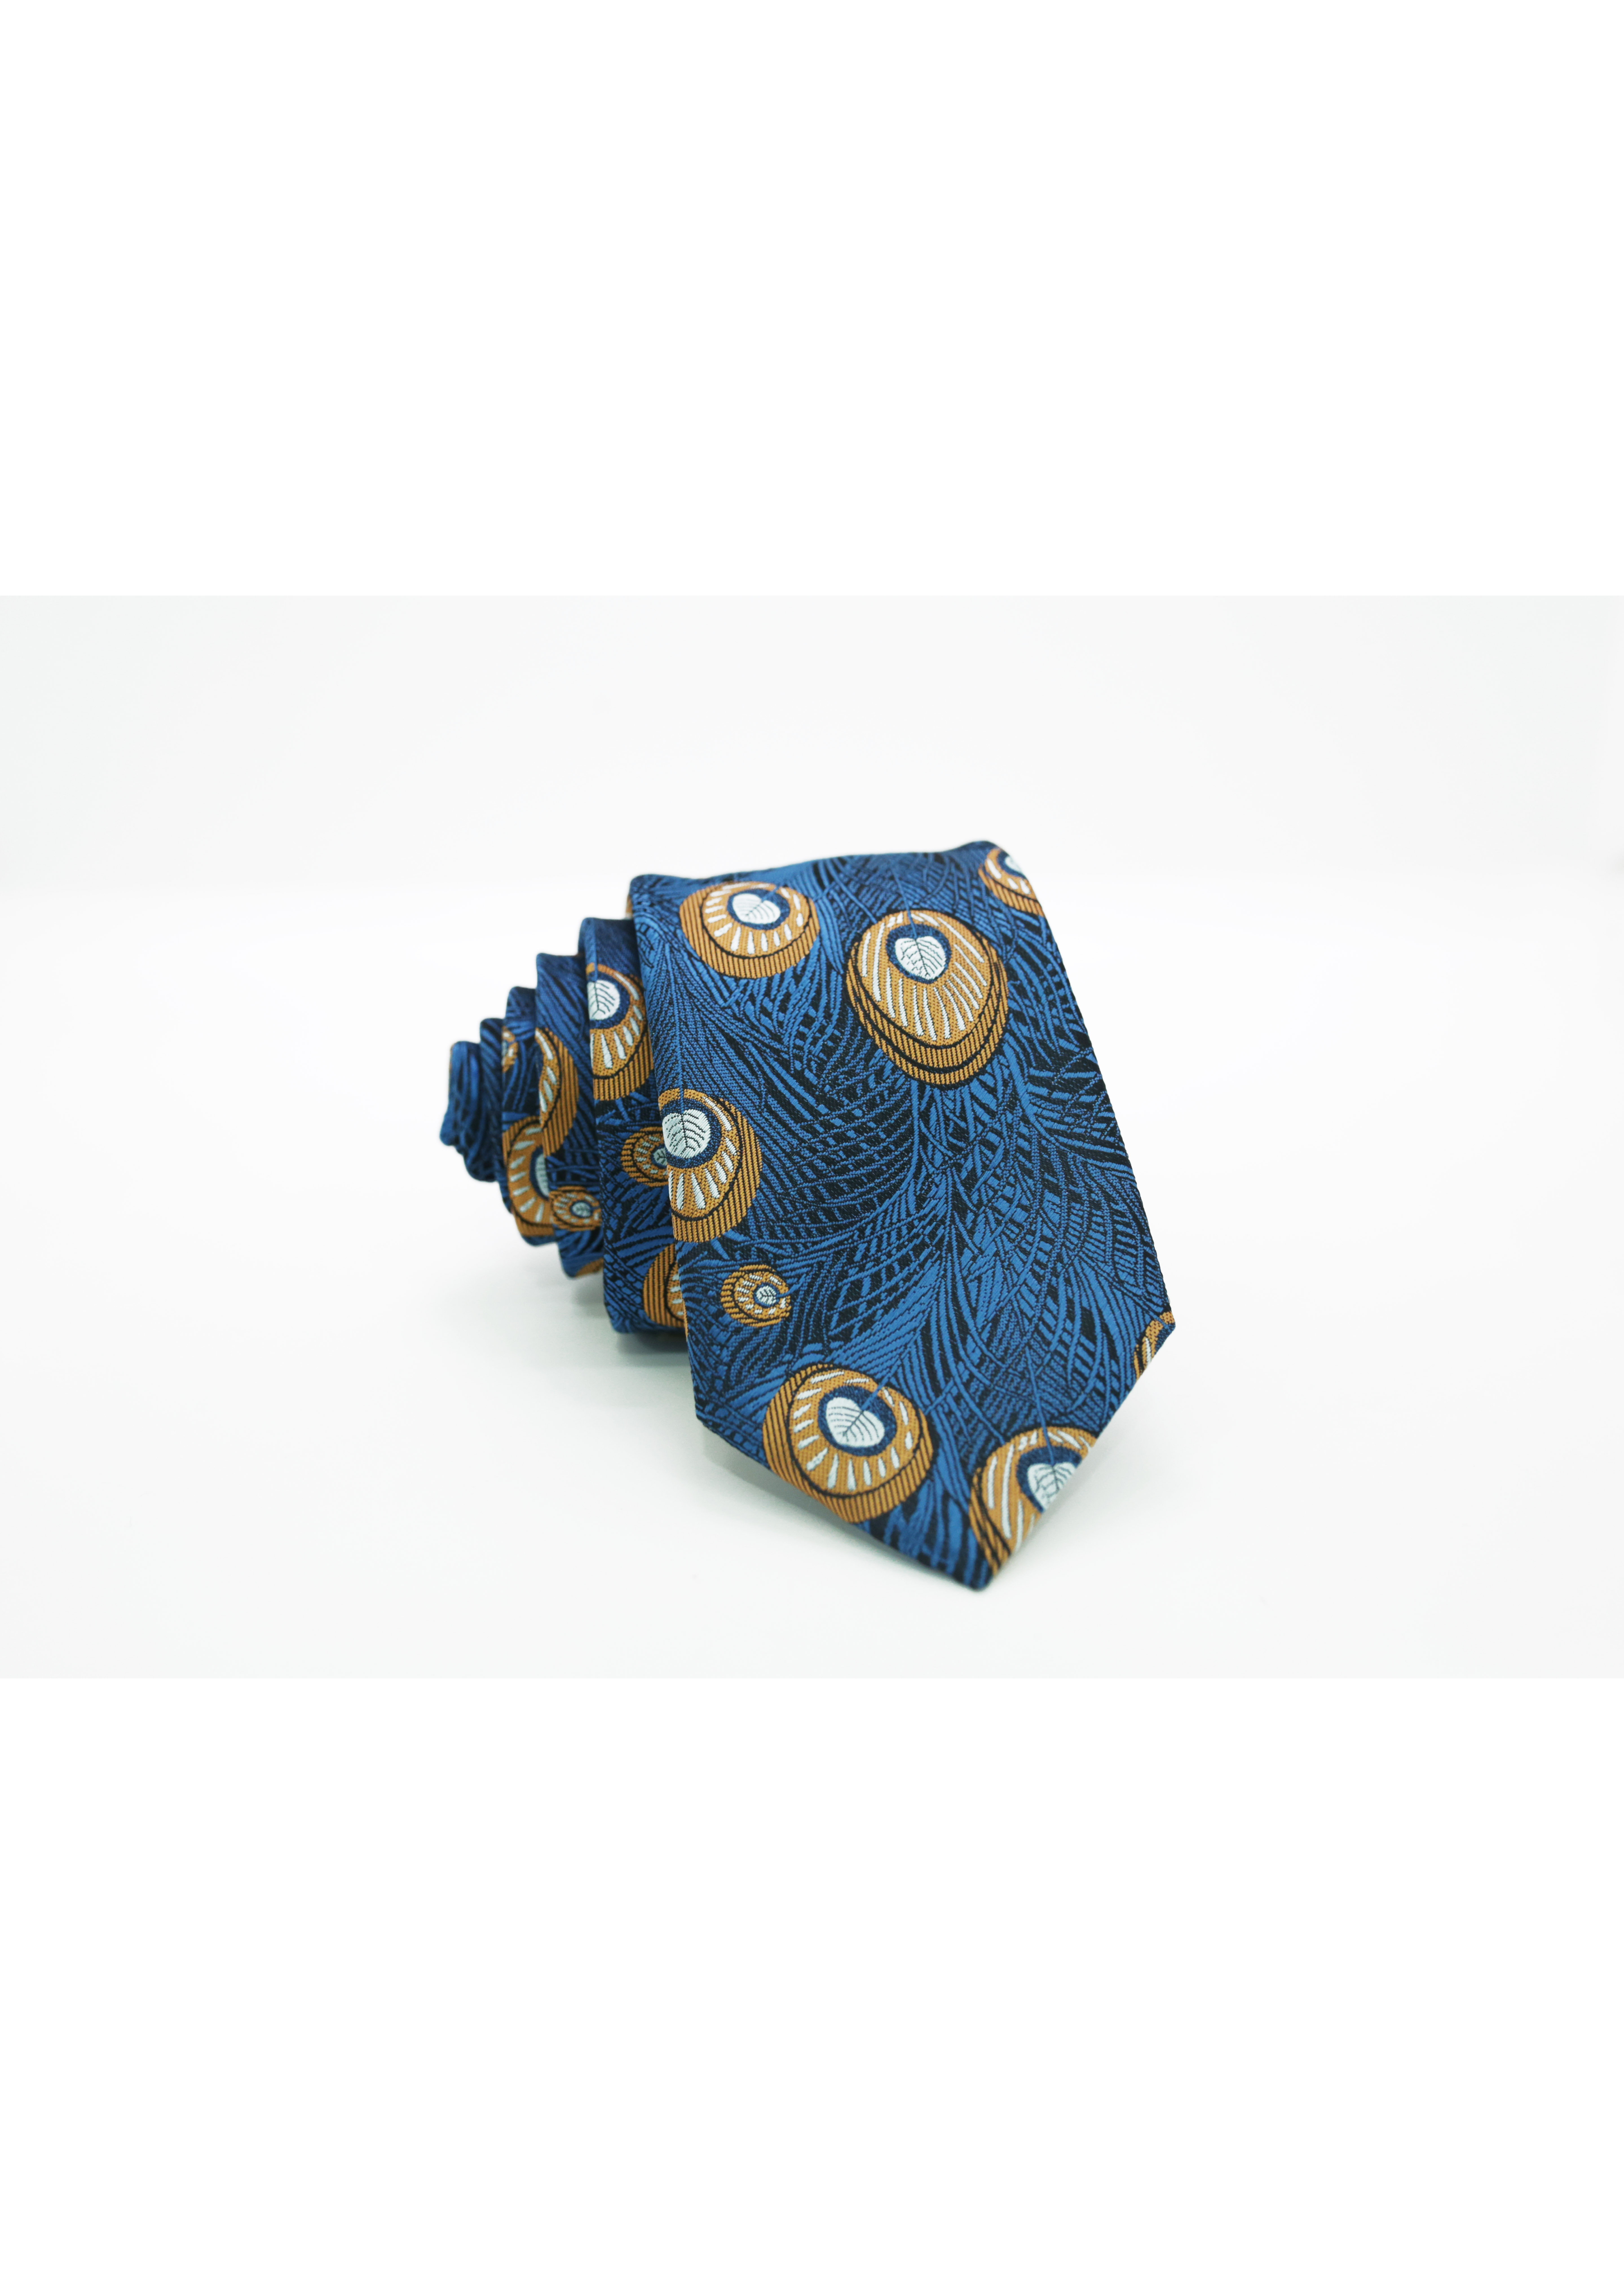 Cà vạt nam Mon Amie  xanh hoa văn thời trang SP005762 - 16388169 , 8135835002072 , 62_24259264 , 250000 , Ca-vat-nam-Mon-Amie-xanh-hoa-van-thoi-trang-SP005762-62_24259264 , tiki.vn , Cà vạt nam Mon Amie  xanh hoa văn thời trang SP005762